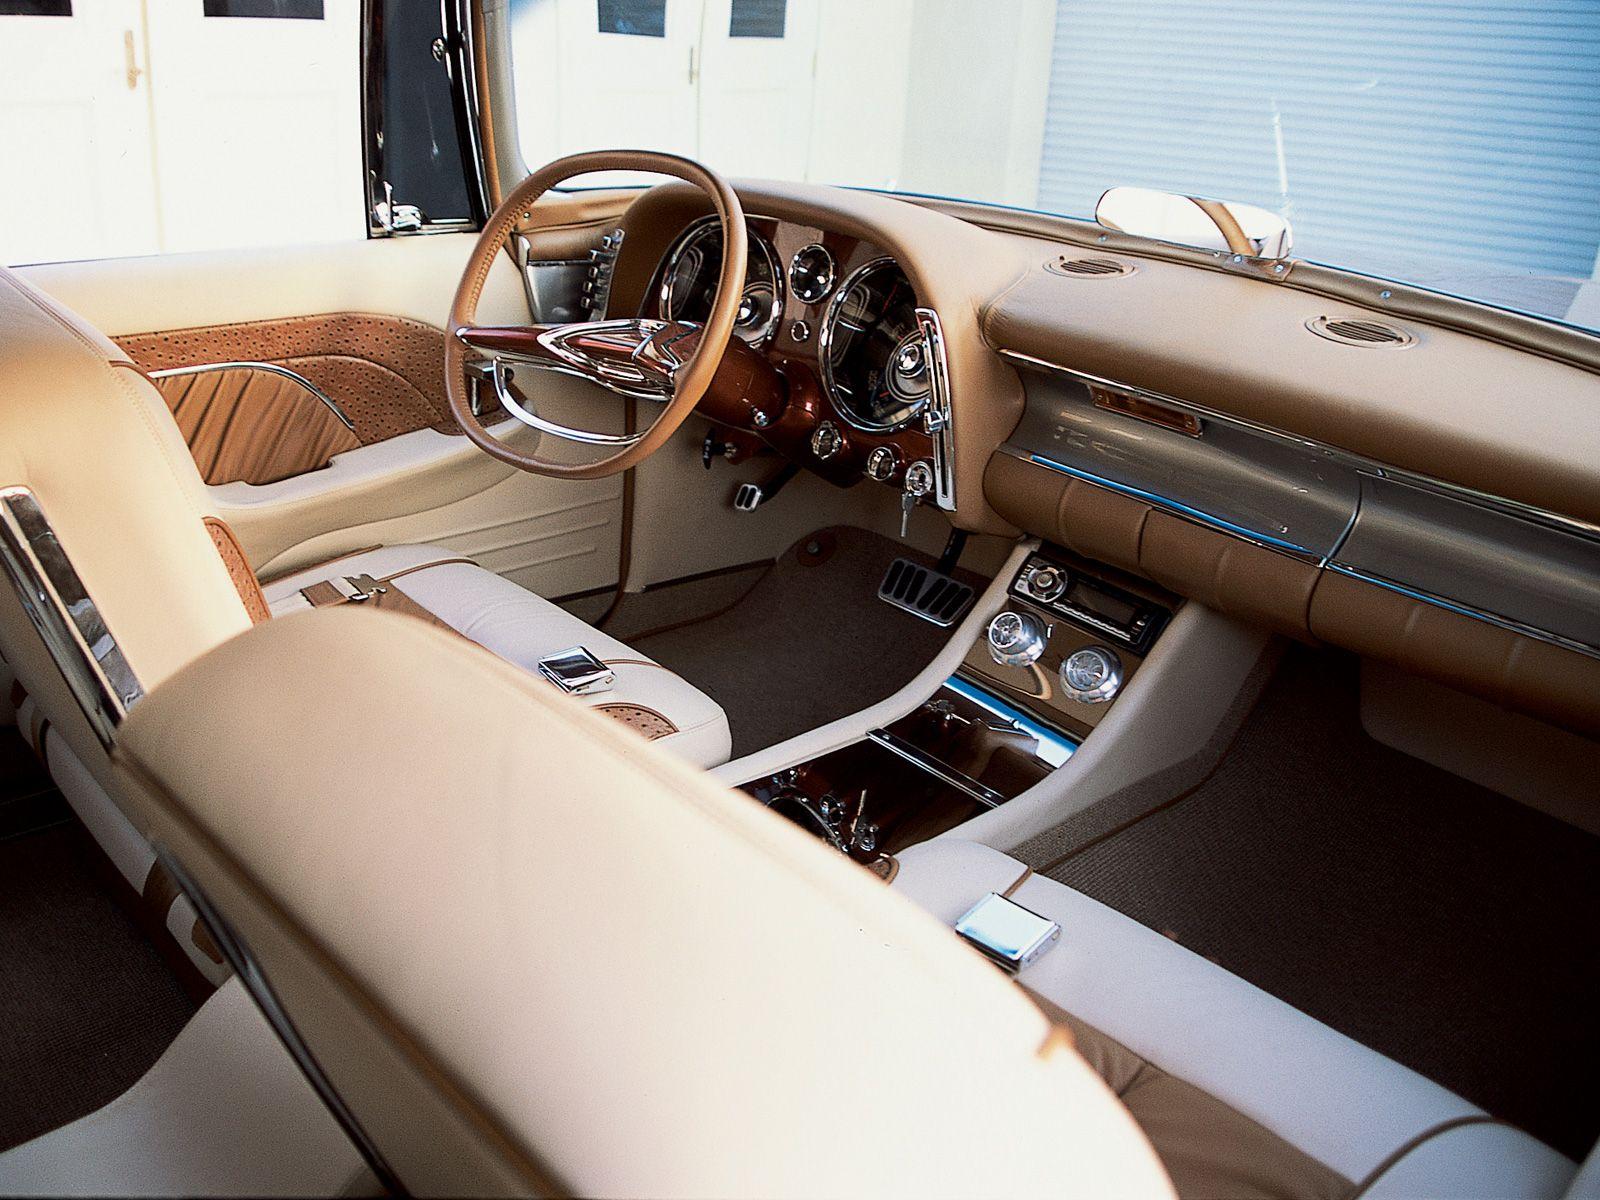 Chrysler imperial interior